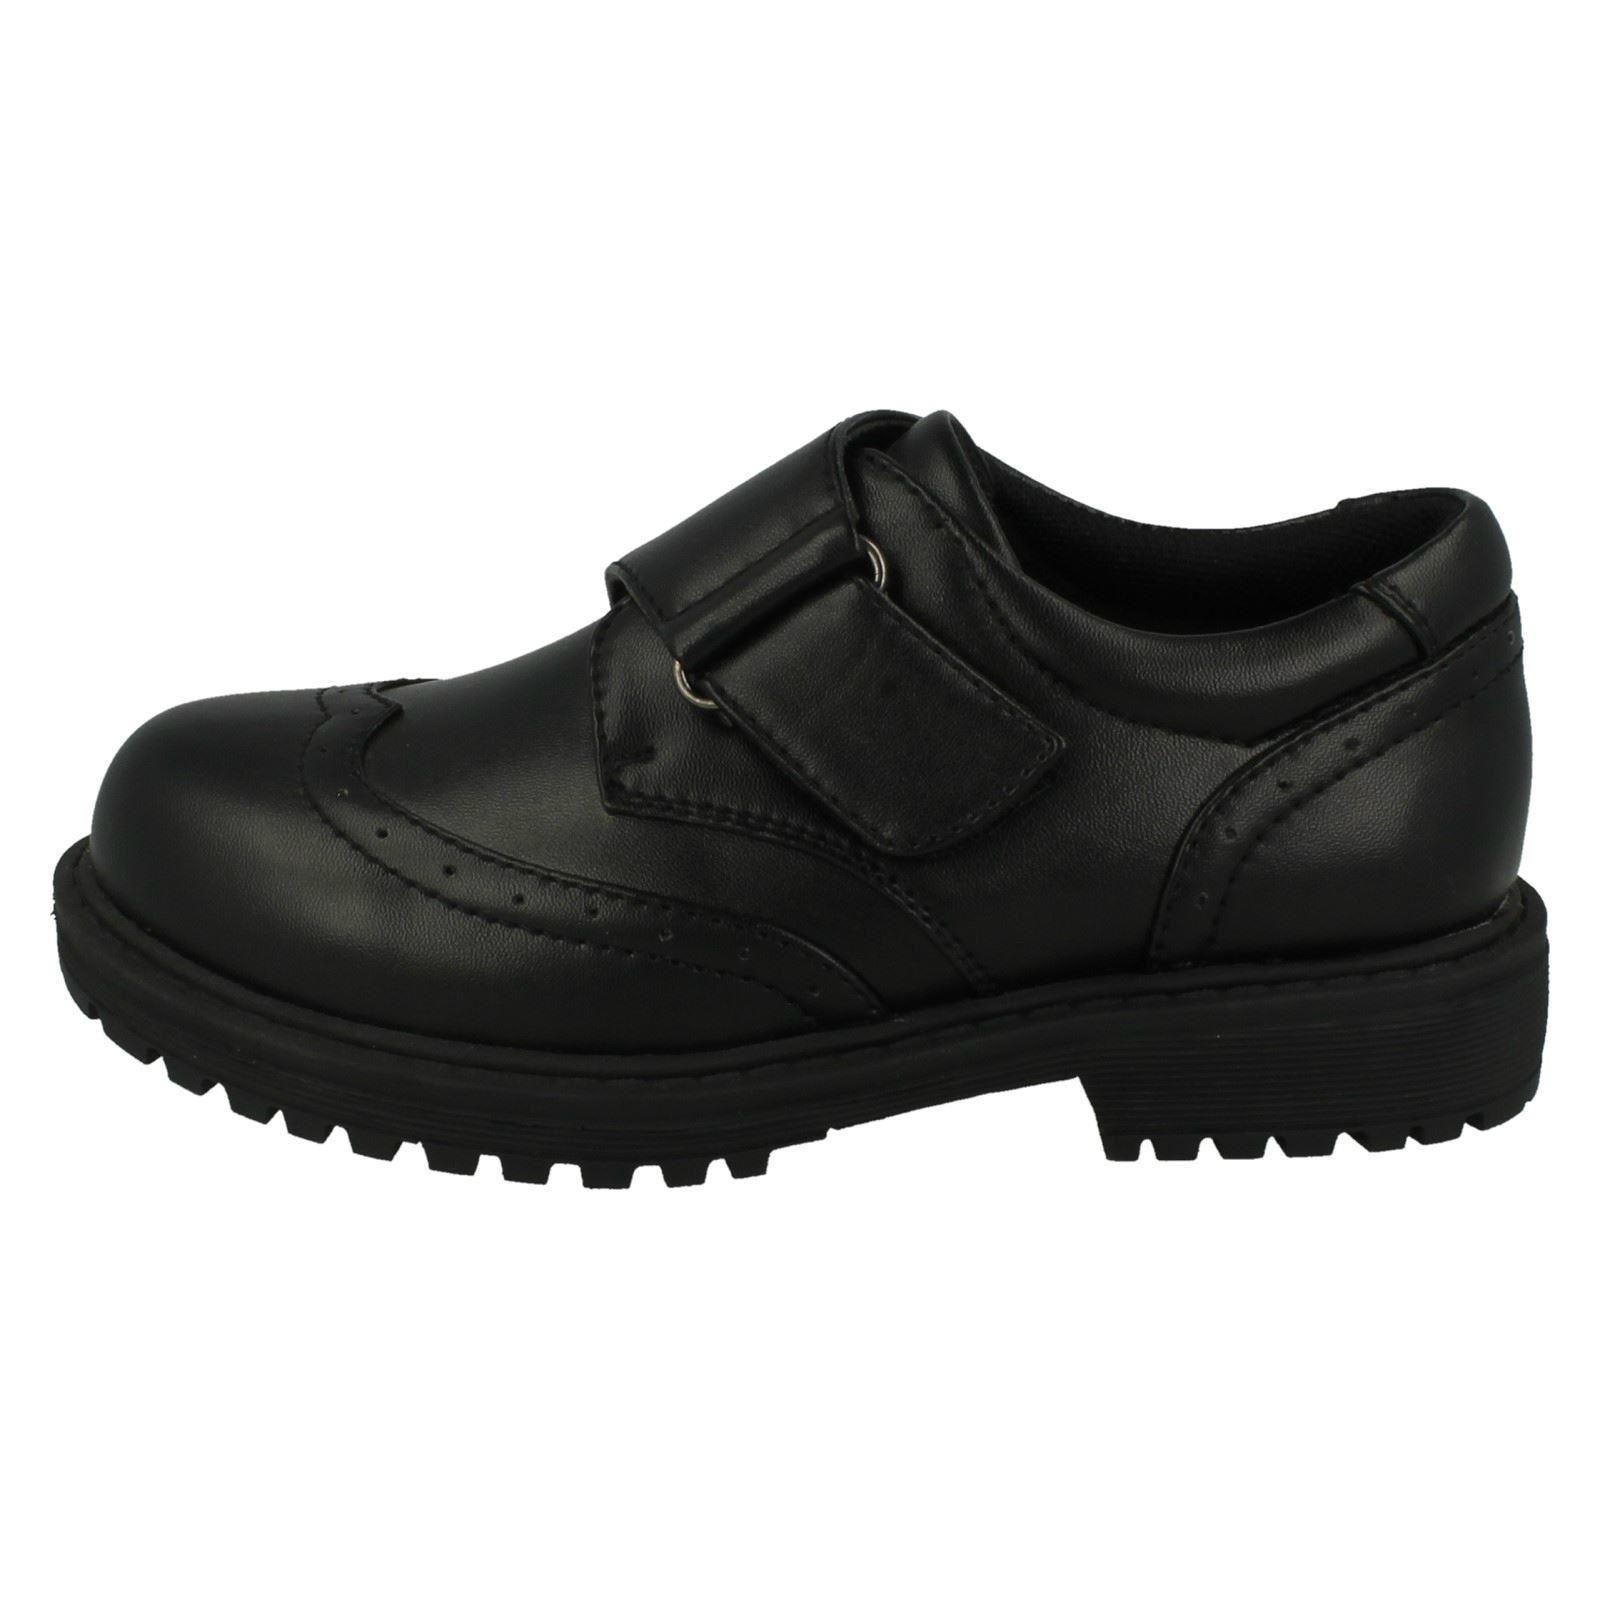 Garçons Cool 4 school école Chaussures N1095